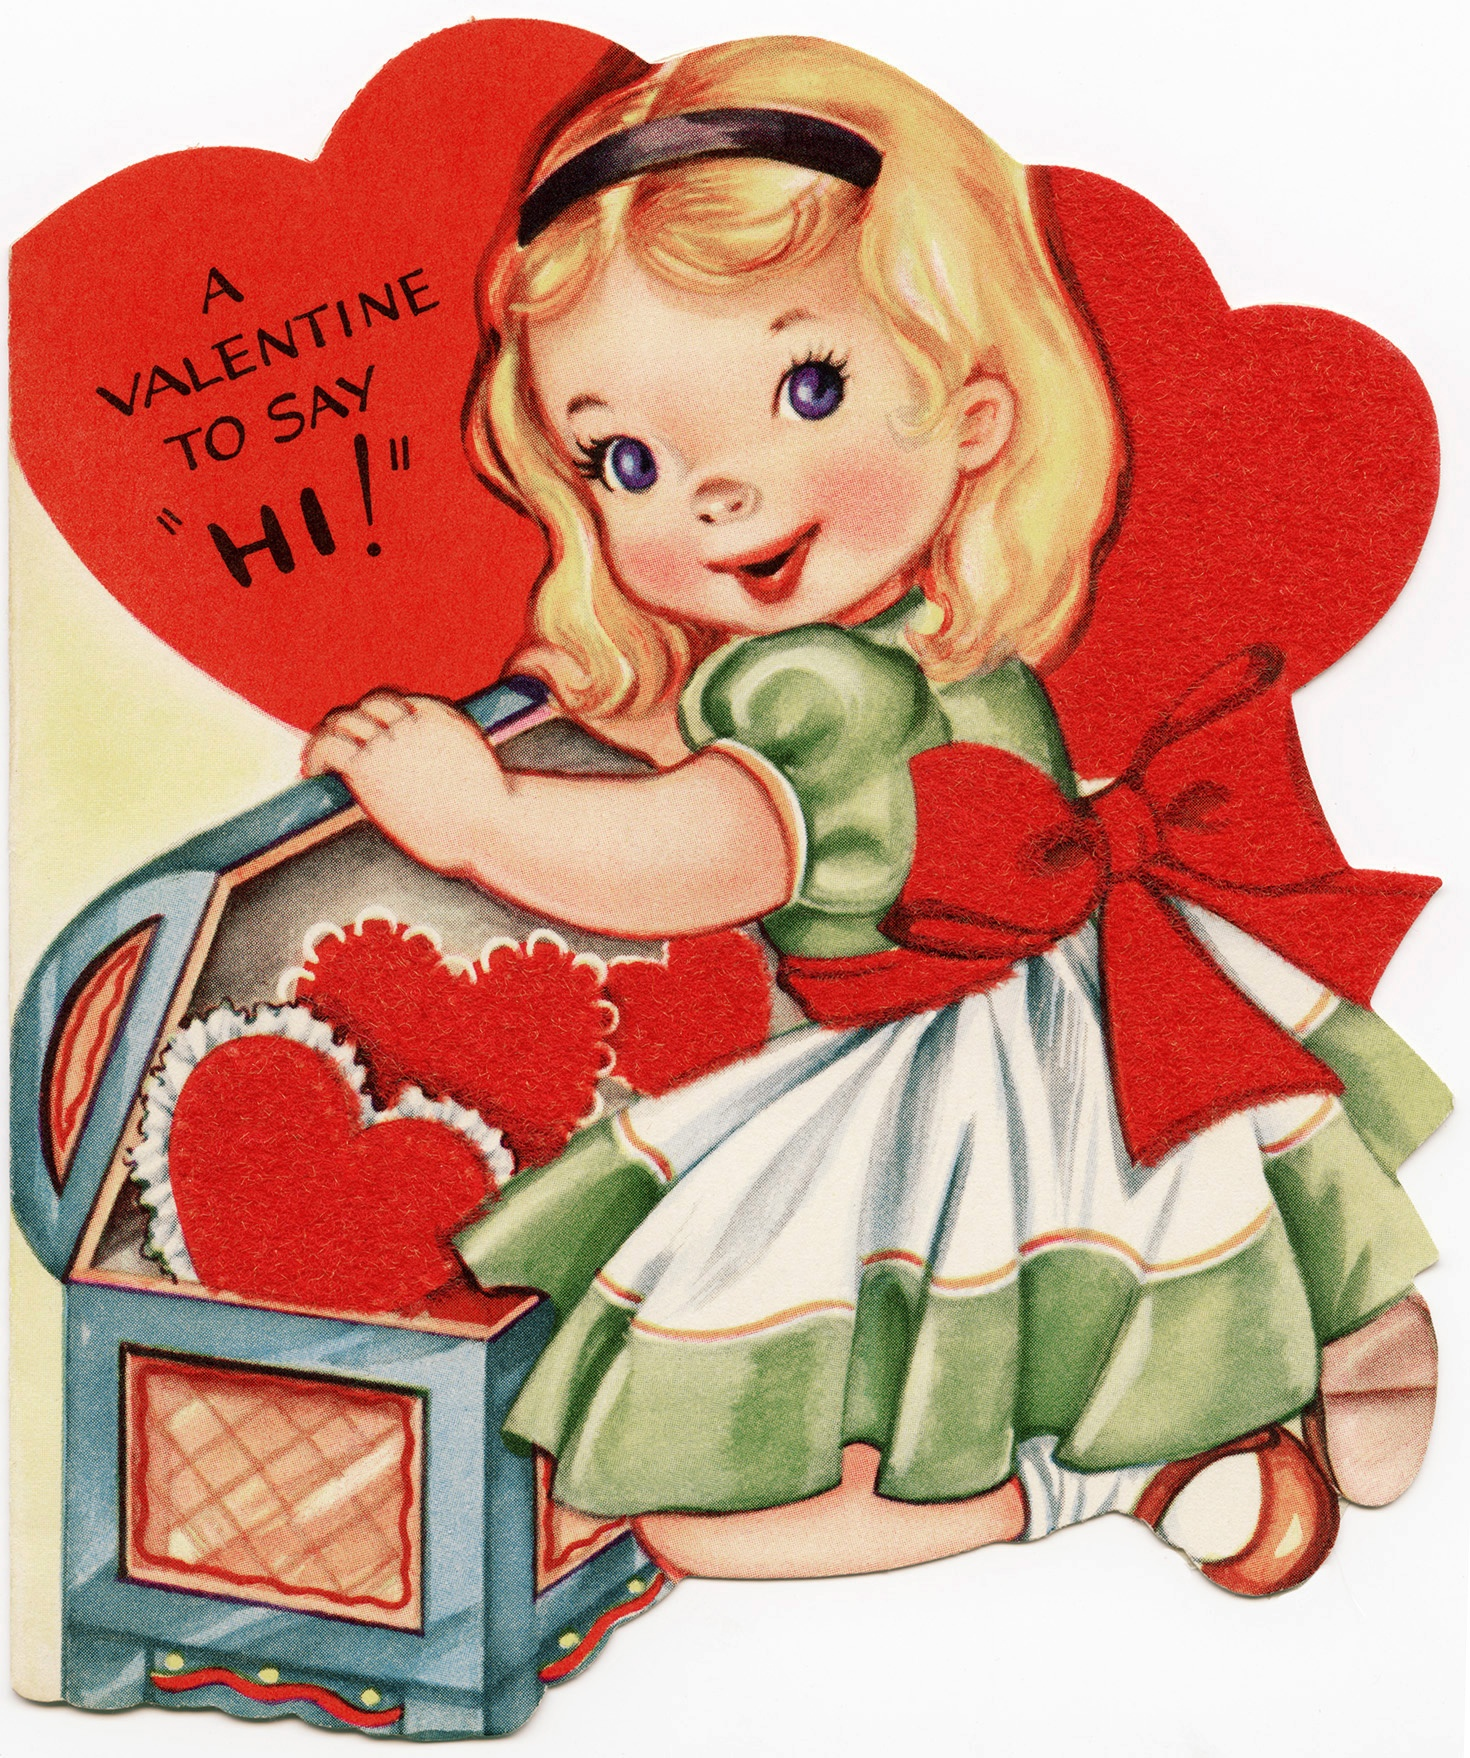 Free Vintage Image ~ A Valentine To Say Hi! - Old Design Shop Blog - Free Printable Vintage Valentine Pictures